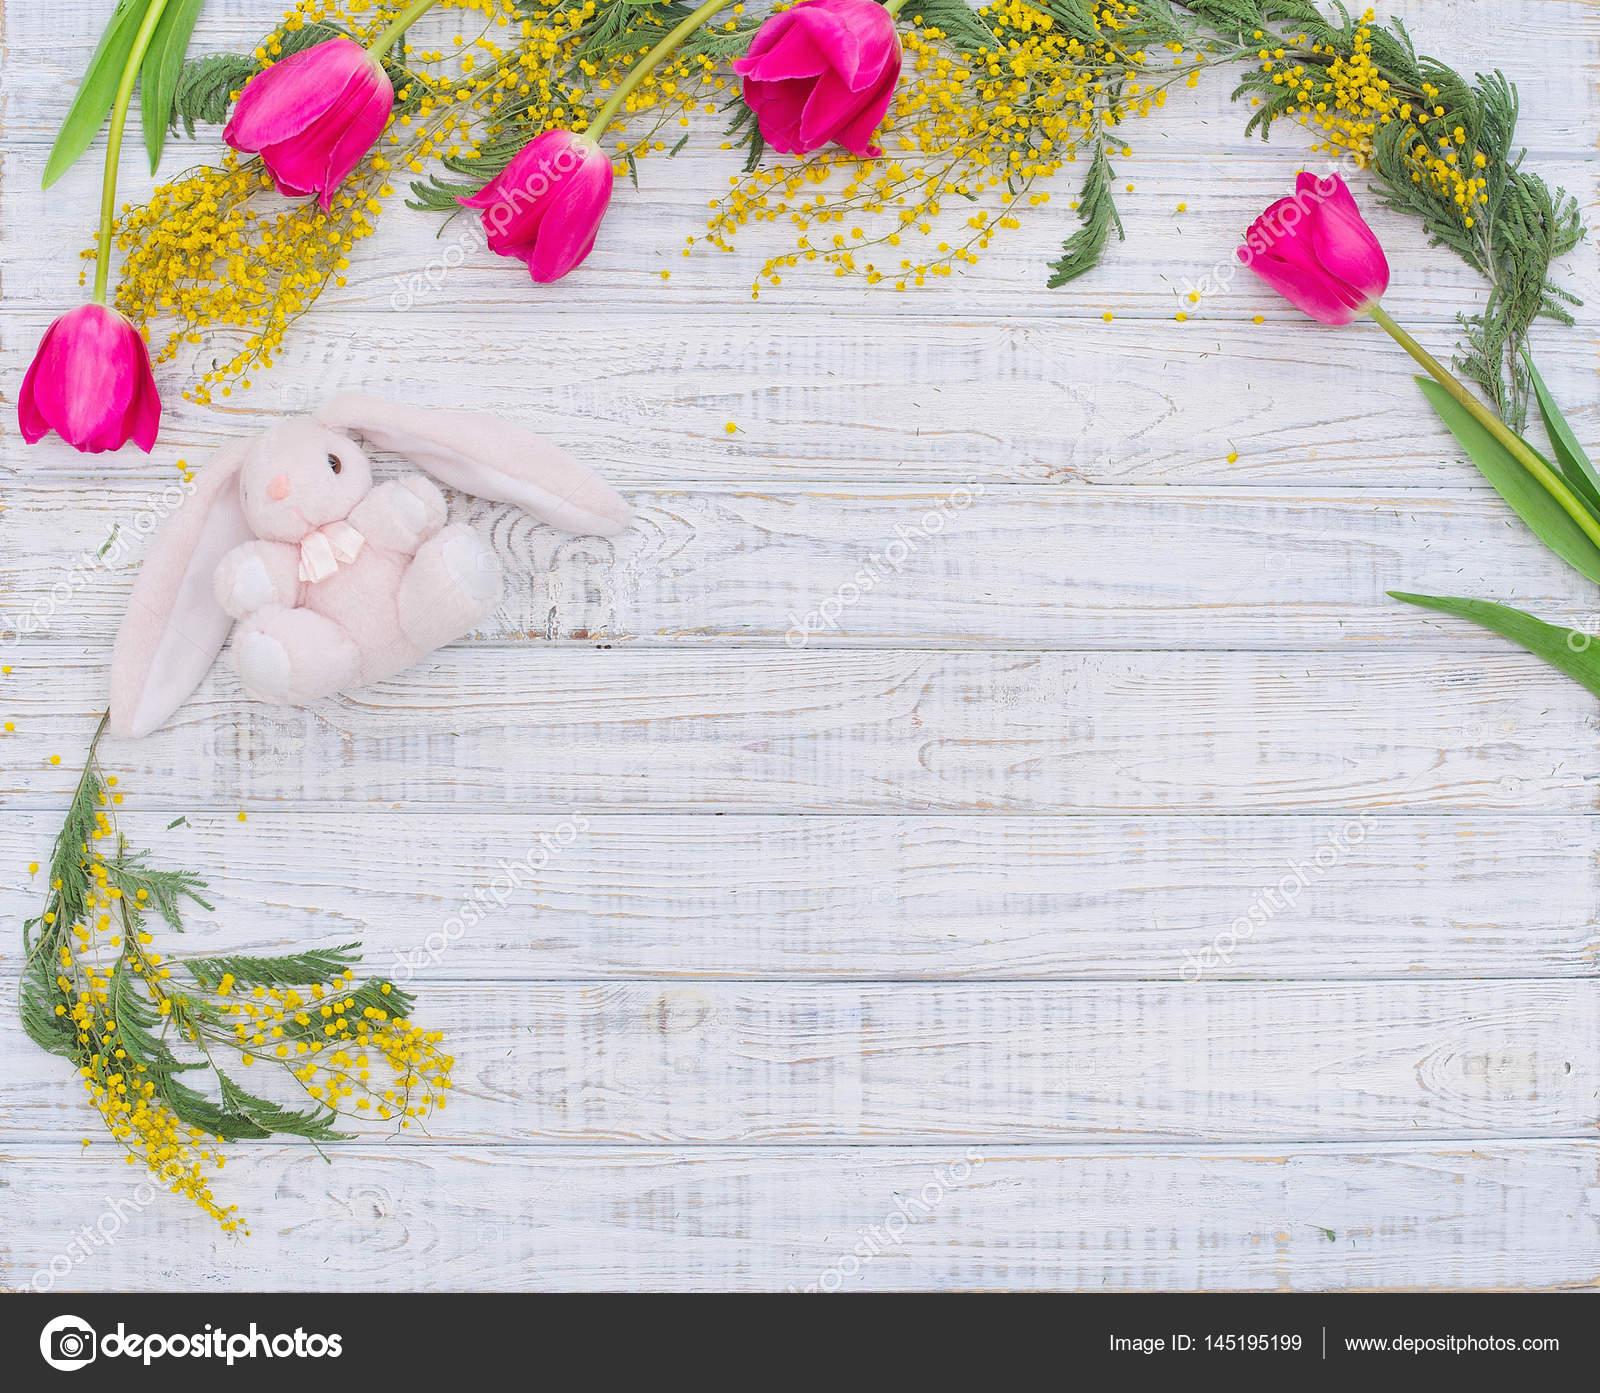 marco decorativo resorte — Fotos de Stock © zoiakostina #145195199